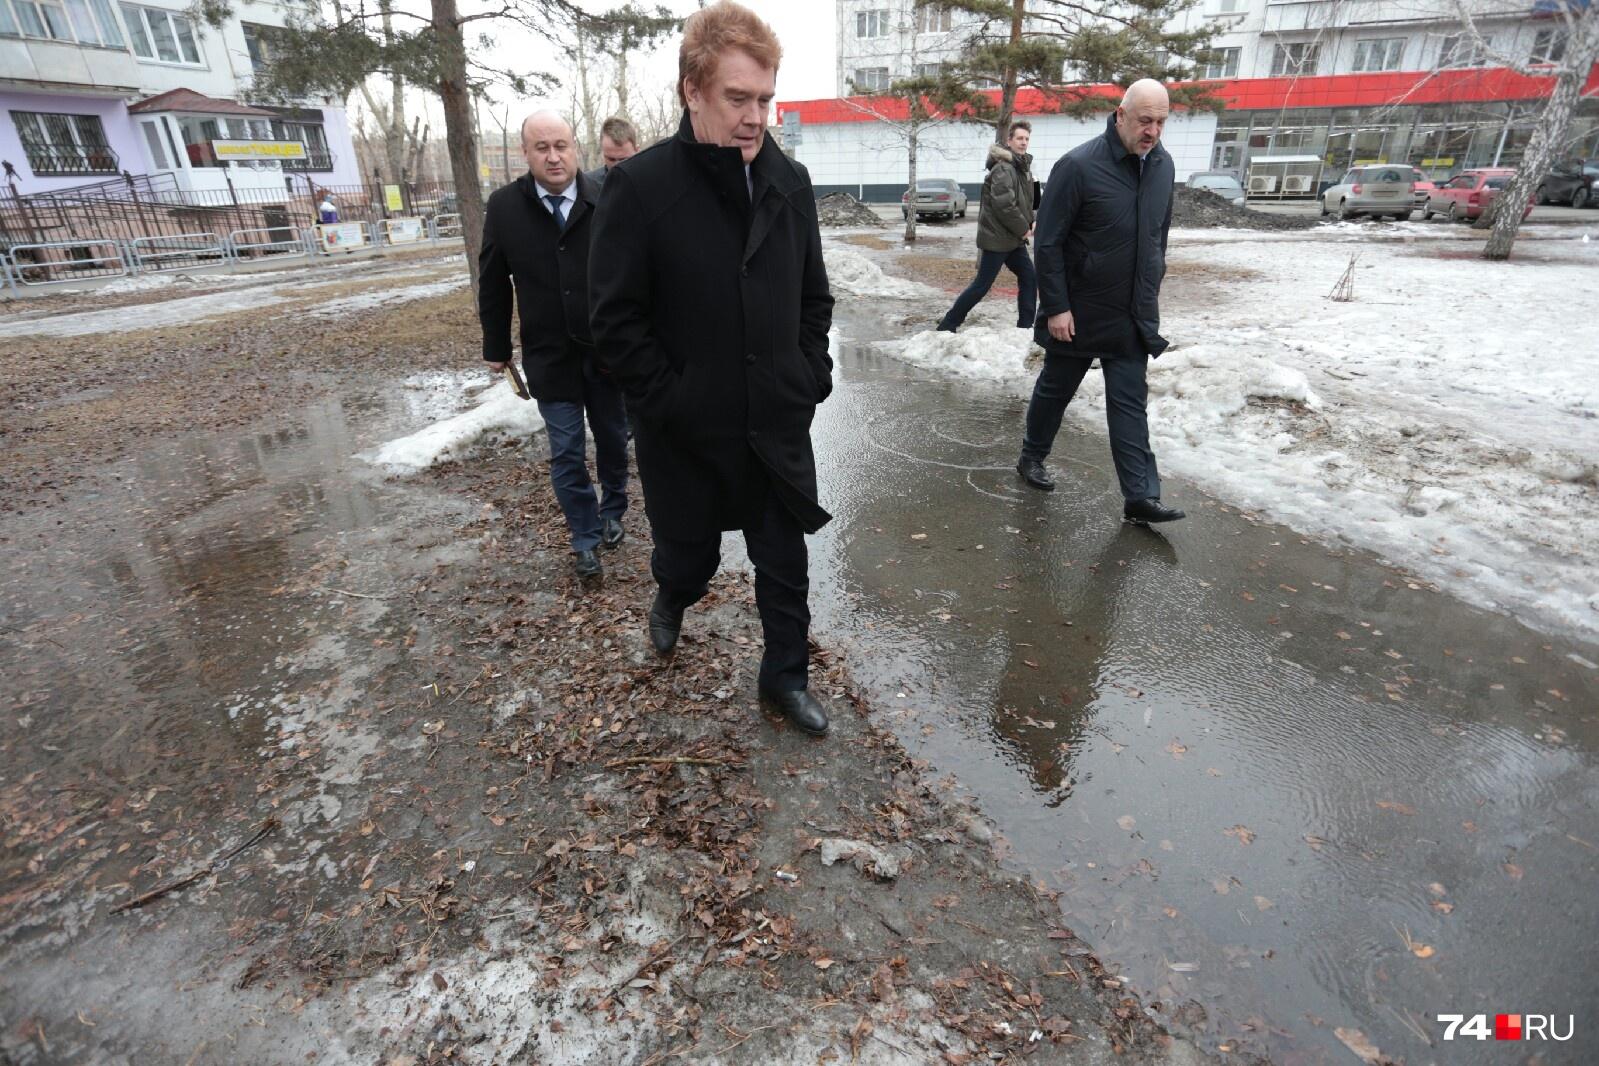 Ступала ли раньше нога главы Челябинска Владимира Елистратова по такой грязи?